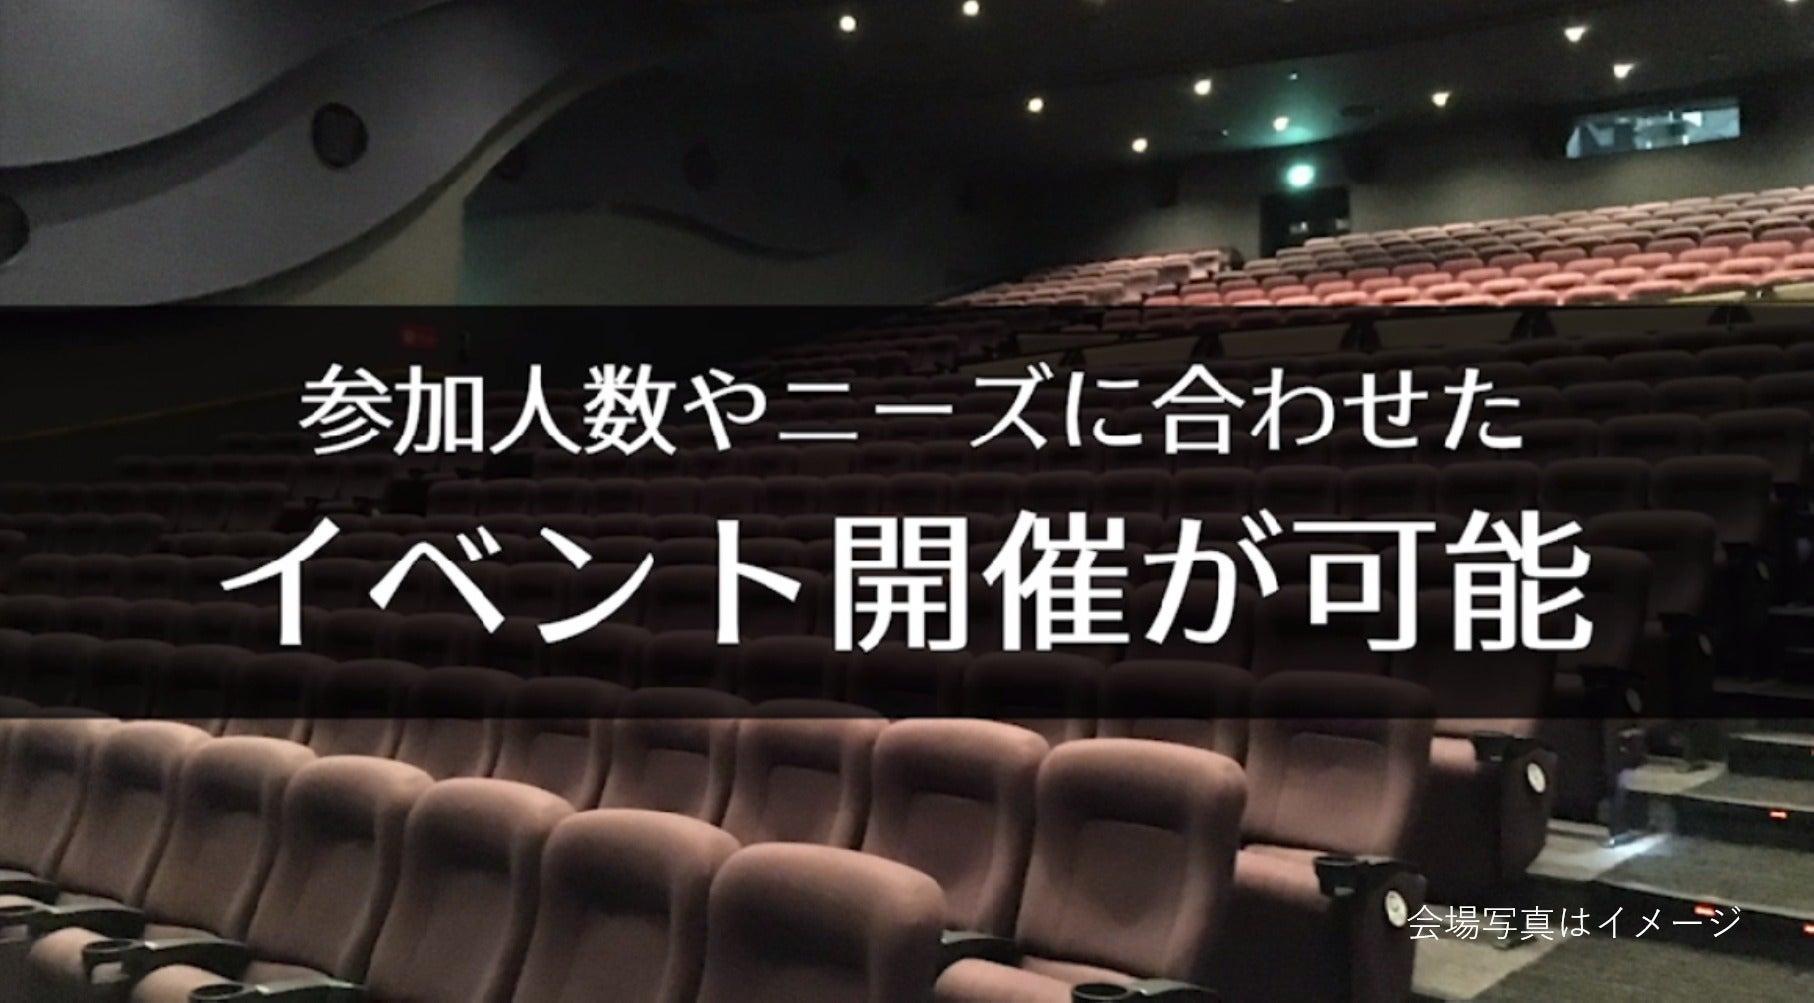 【橿原 114席】映画館で、会社説明会、株主総会、講演会の企画はいかがですか?(ユナイテッド・シネマ橿原) の写真0